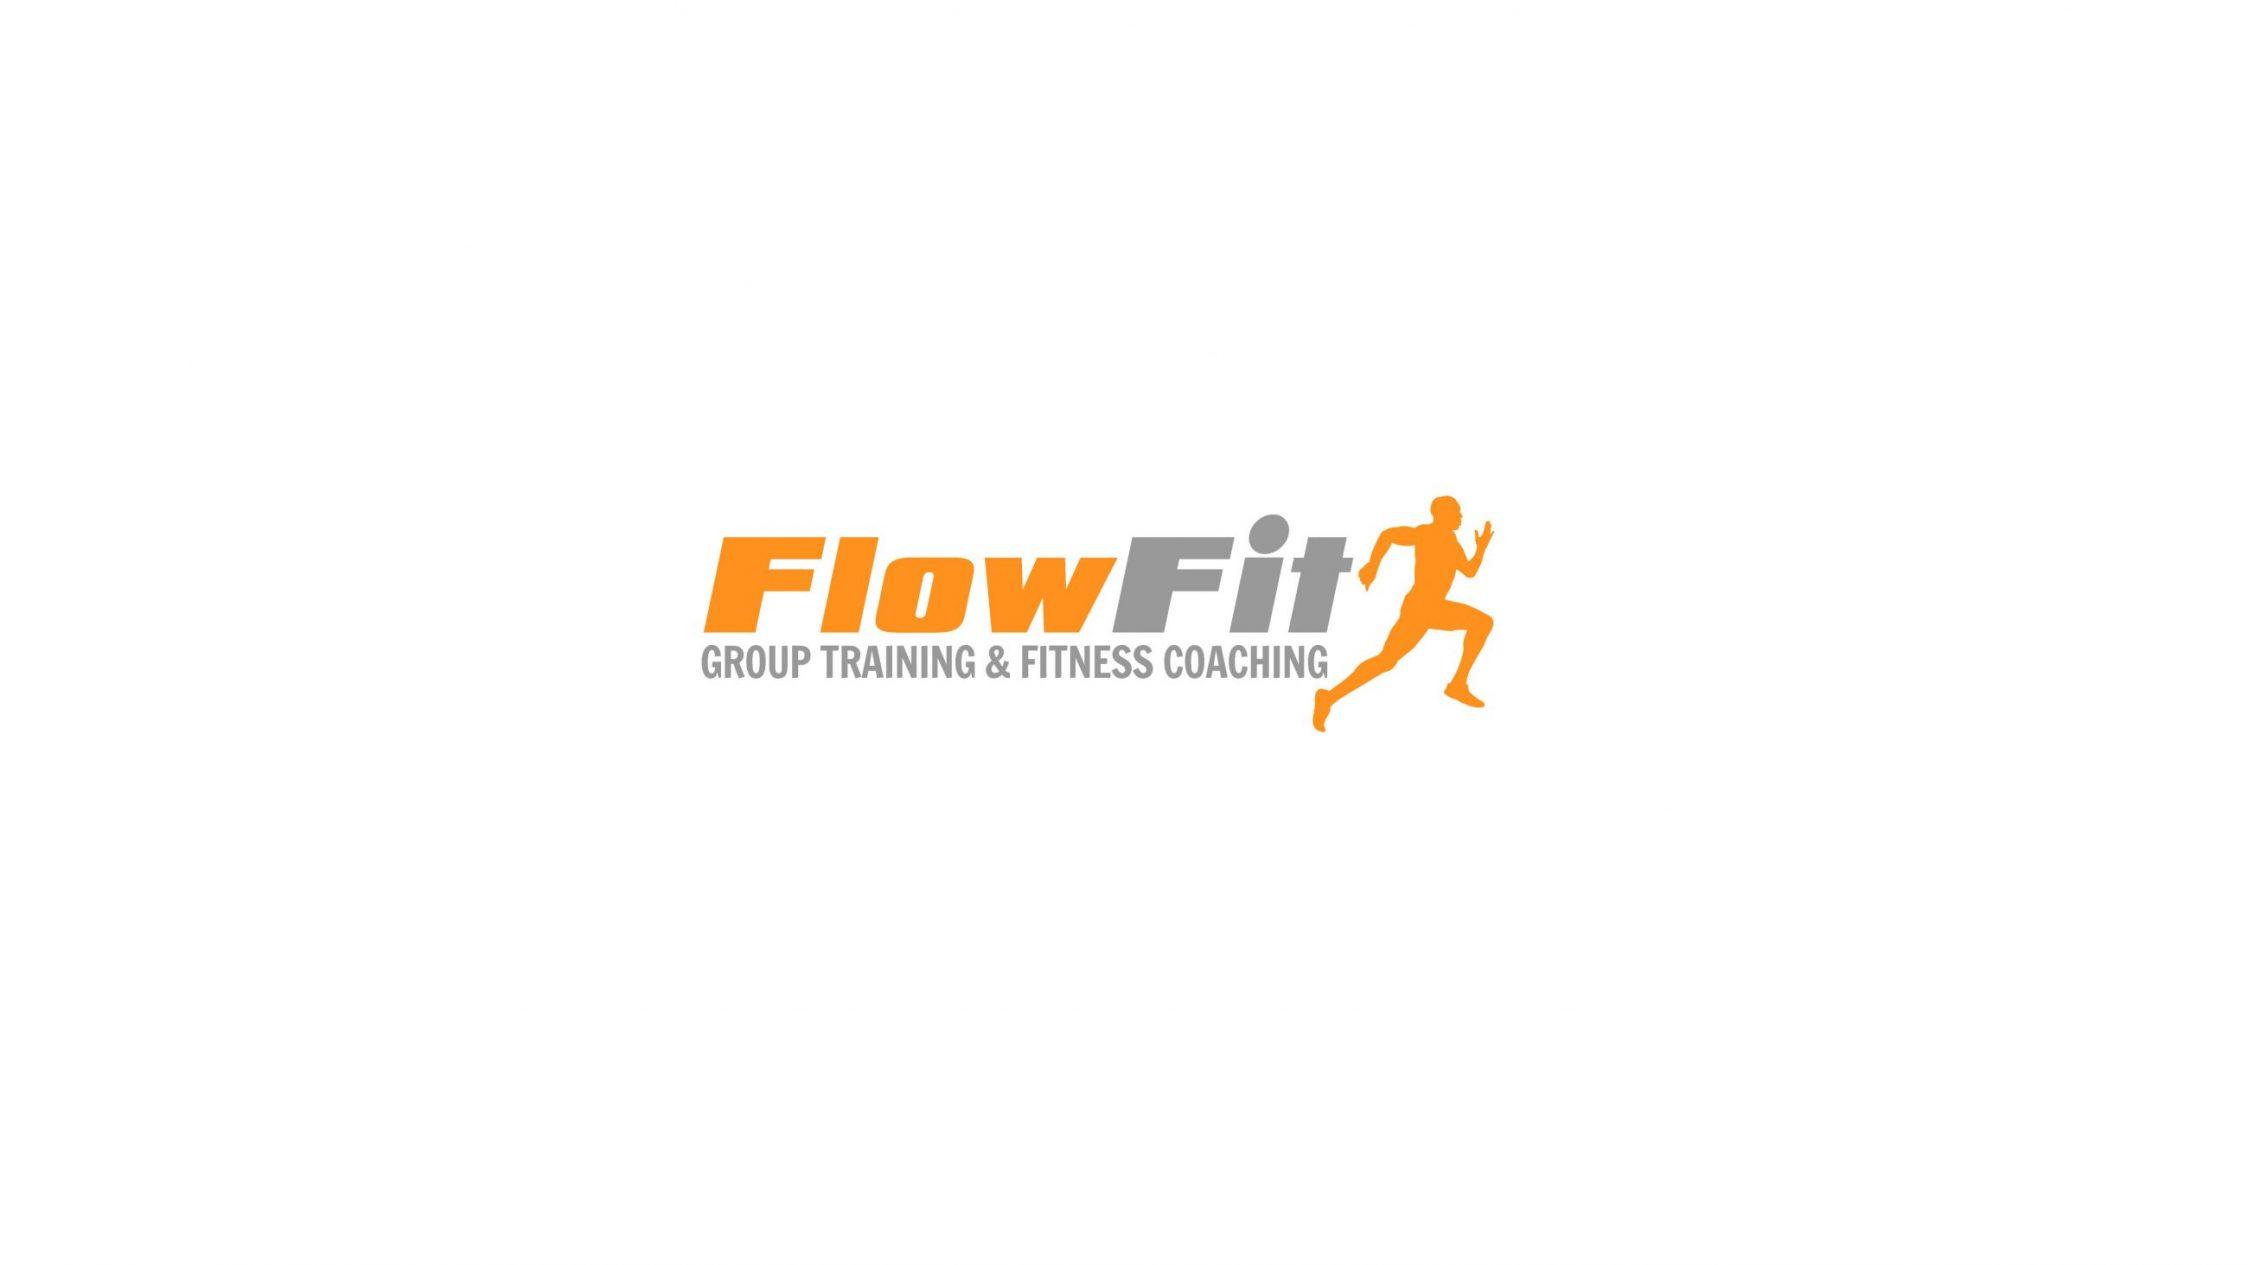 flowfit logov4fullscreen - Logo design & branding for fitness instructor